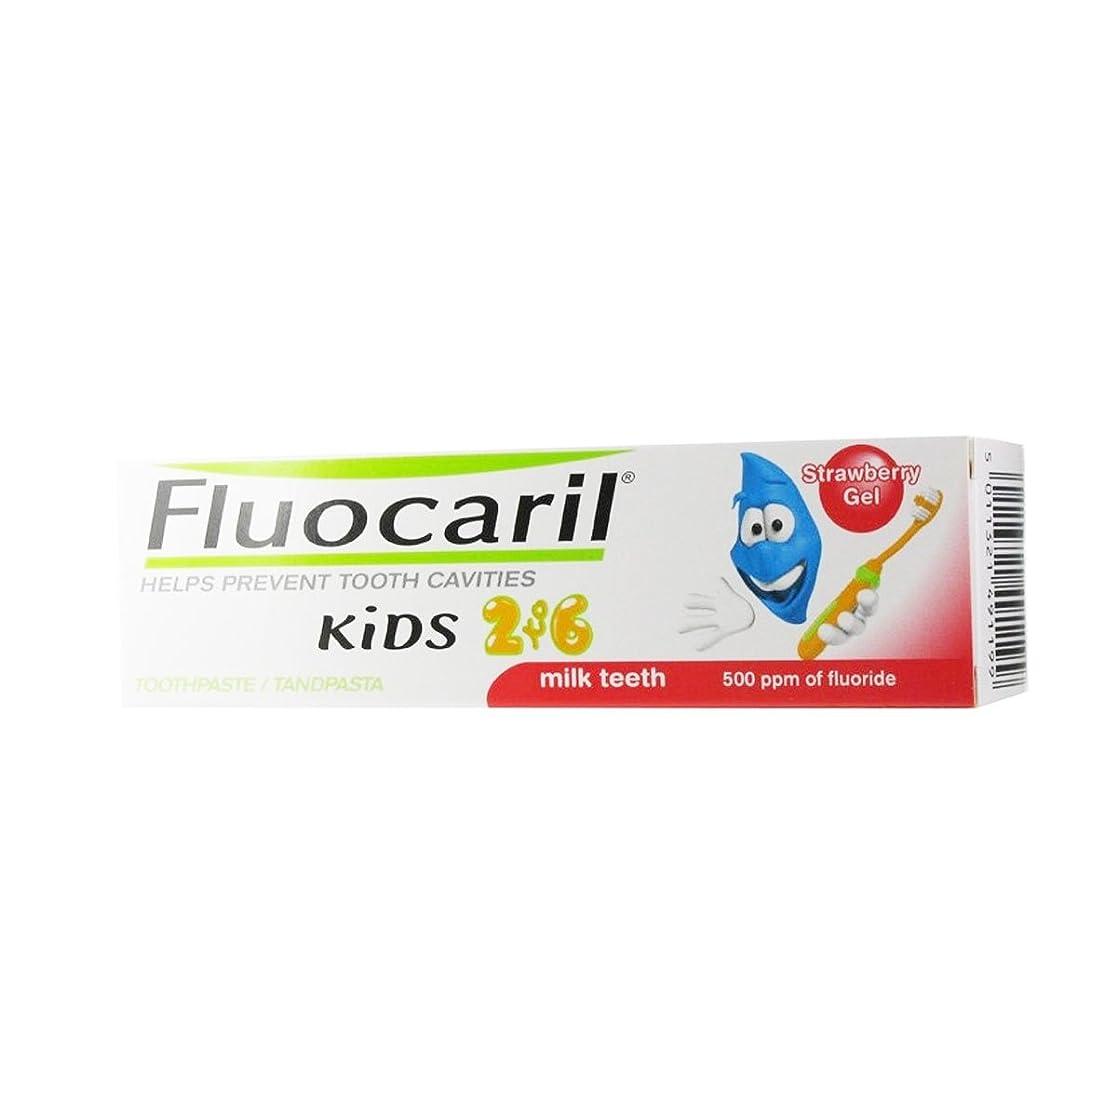 変装した相対性理論追加Fluocaril Kids 2 To 6 Strawberry Gel 50ml [並行輸入品]